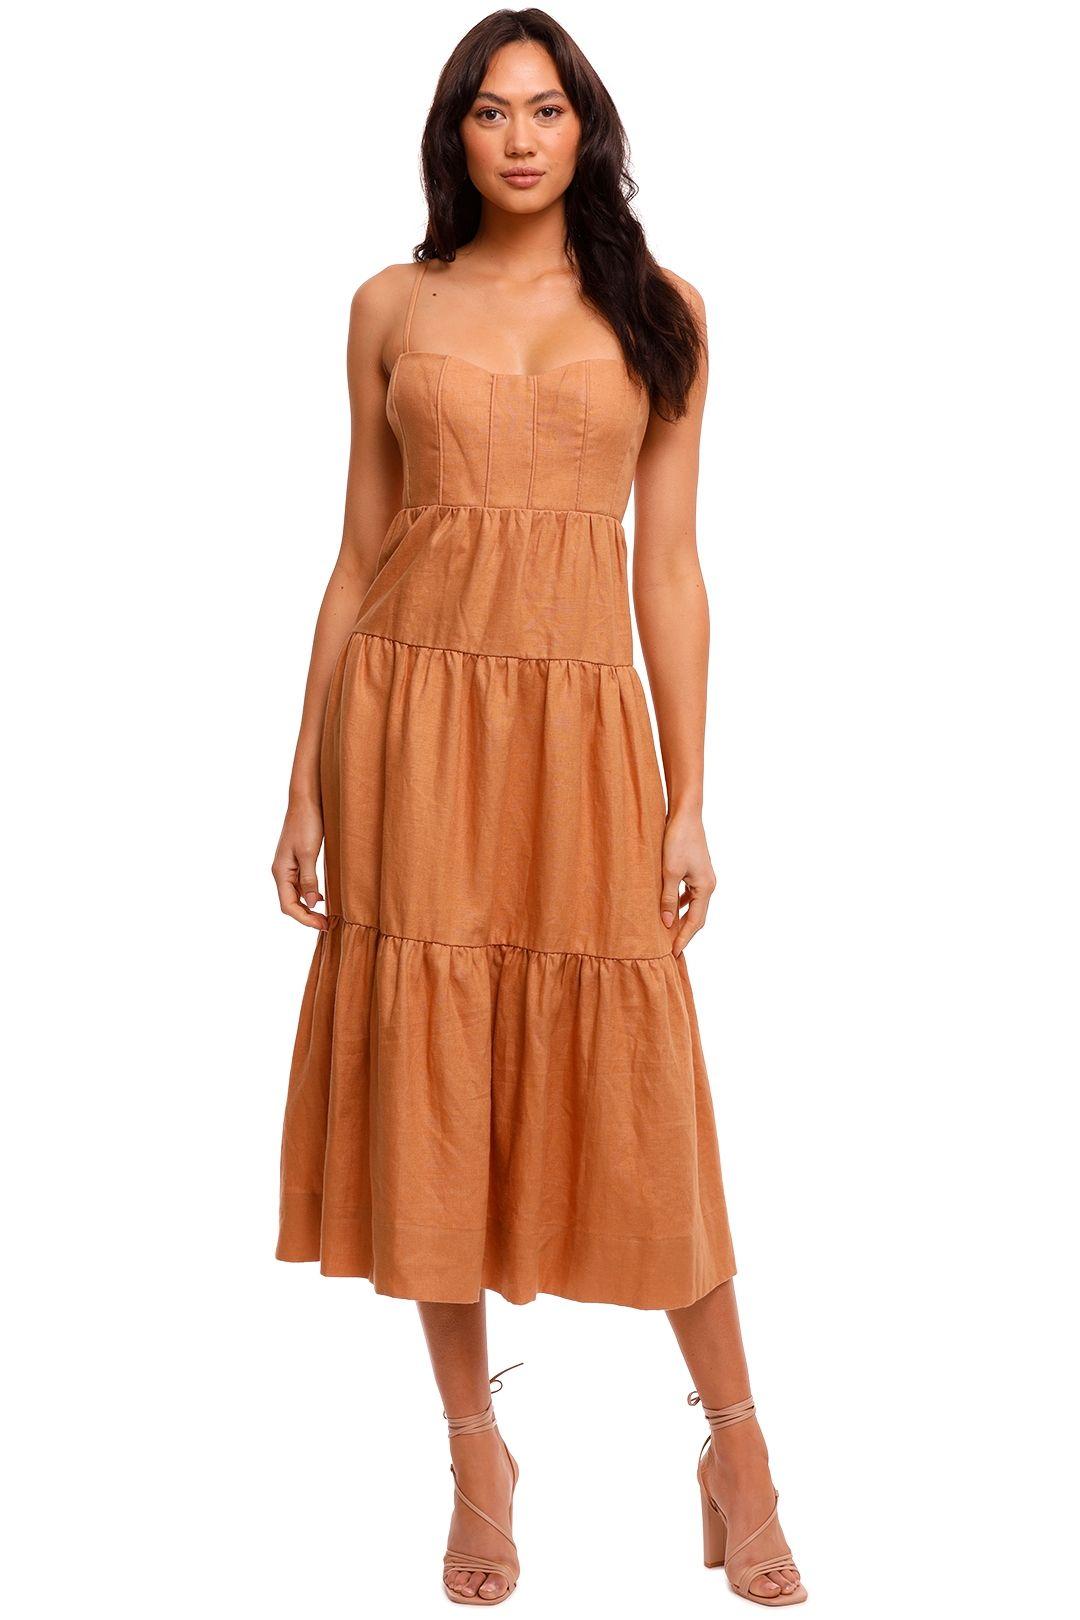 Shona Joy Rosa Tiered Midi Dress